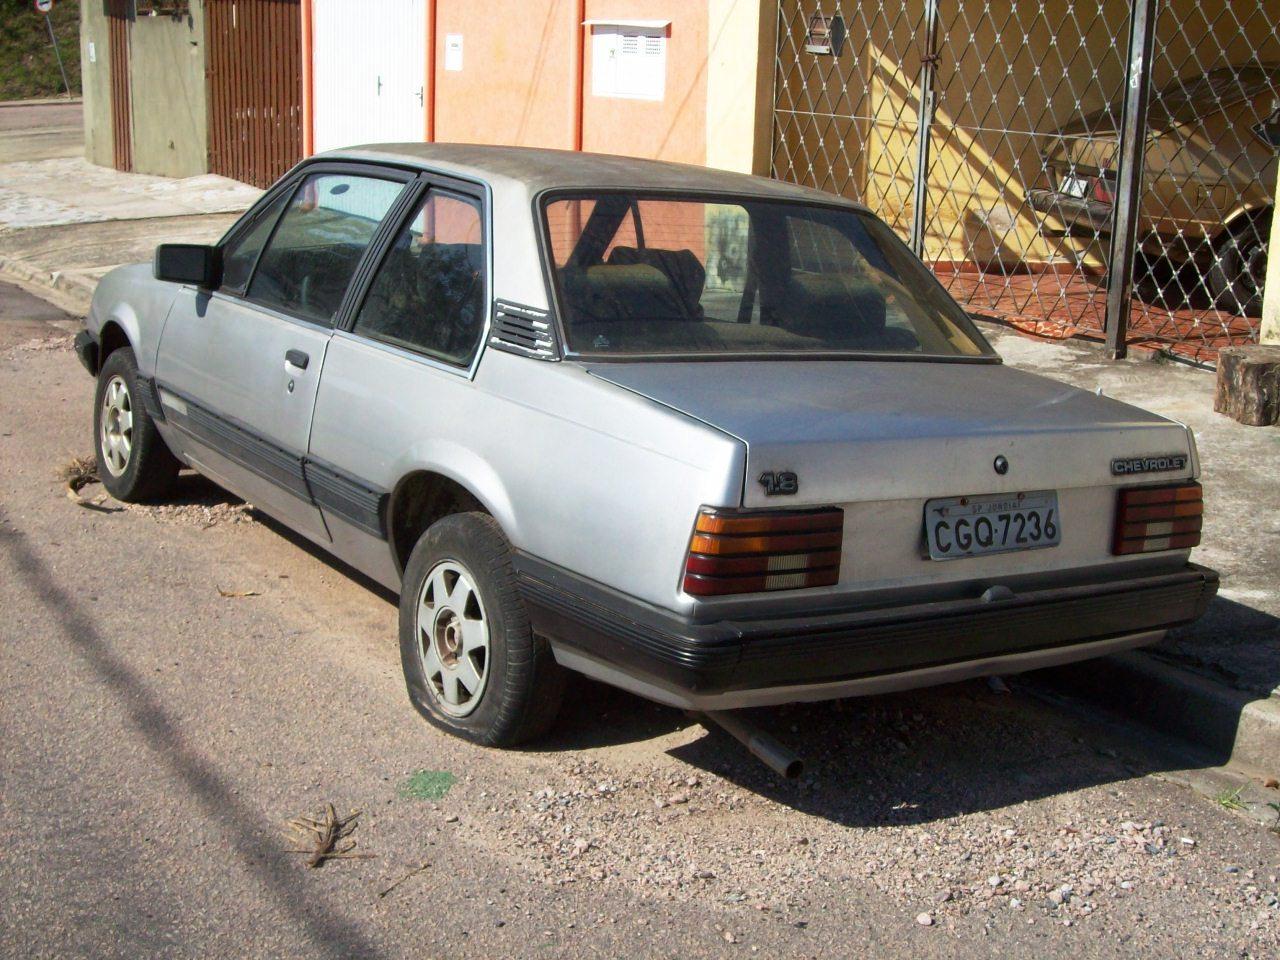 68d74ed78a2 Arquivo para Chevrolet Monza - Página 8 de 8 - Carros Inúteis